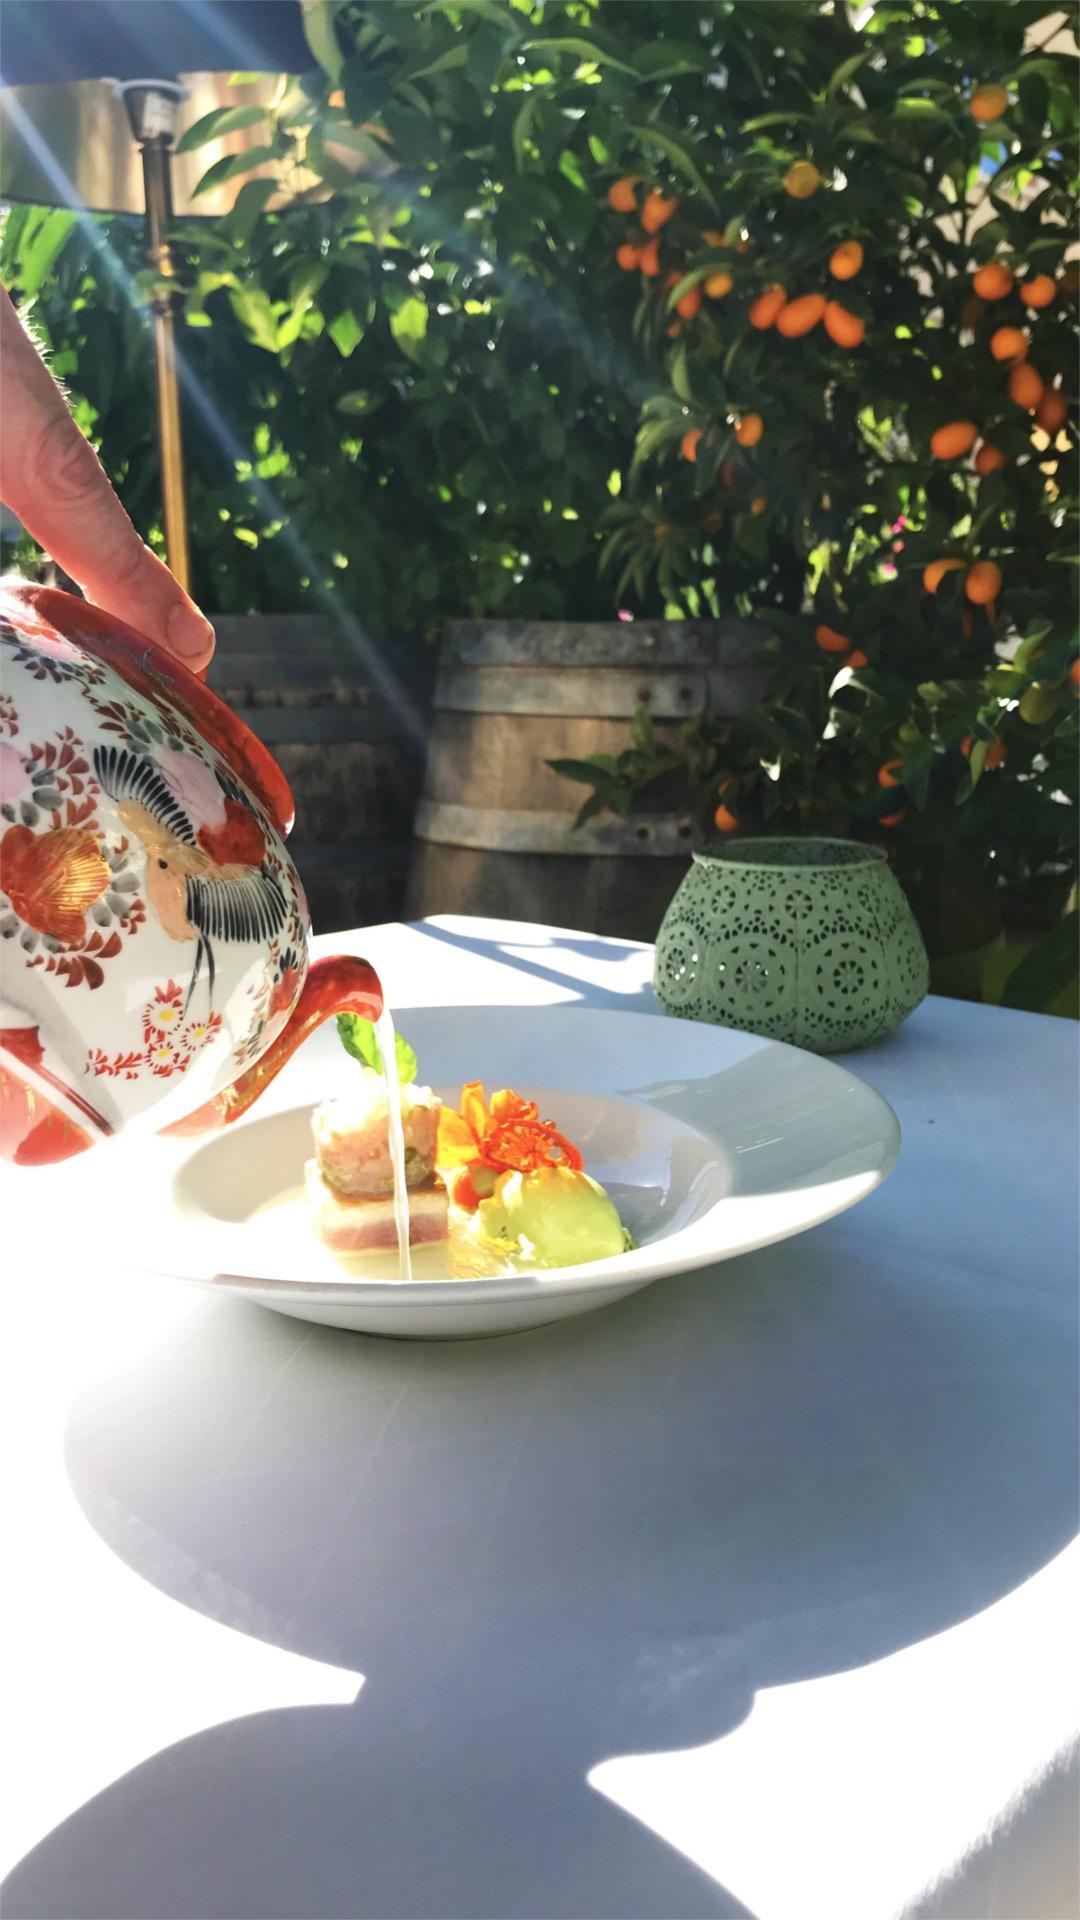 thunfisch-mit-tomate-und-basilikum.jpg